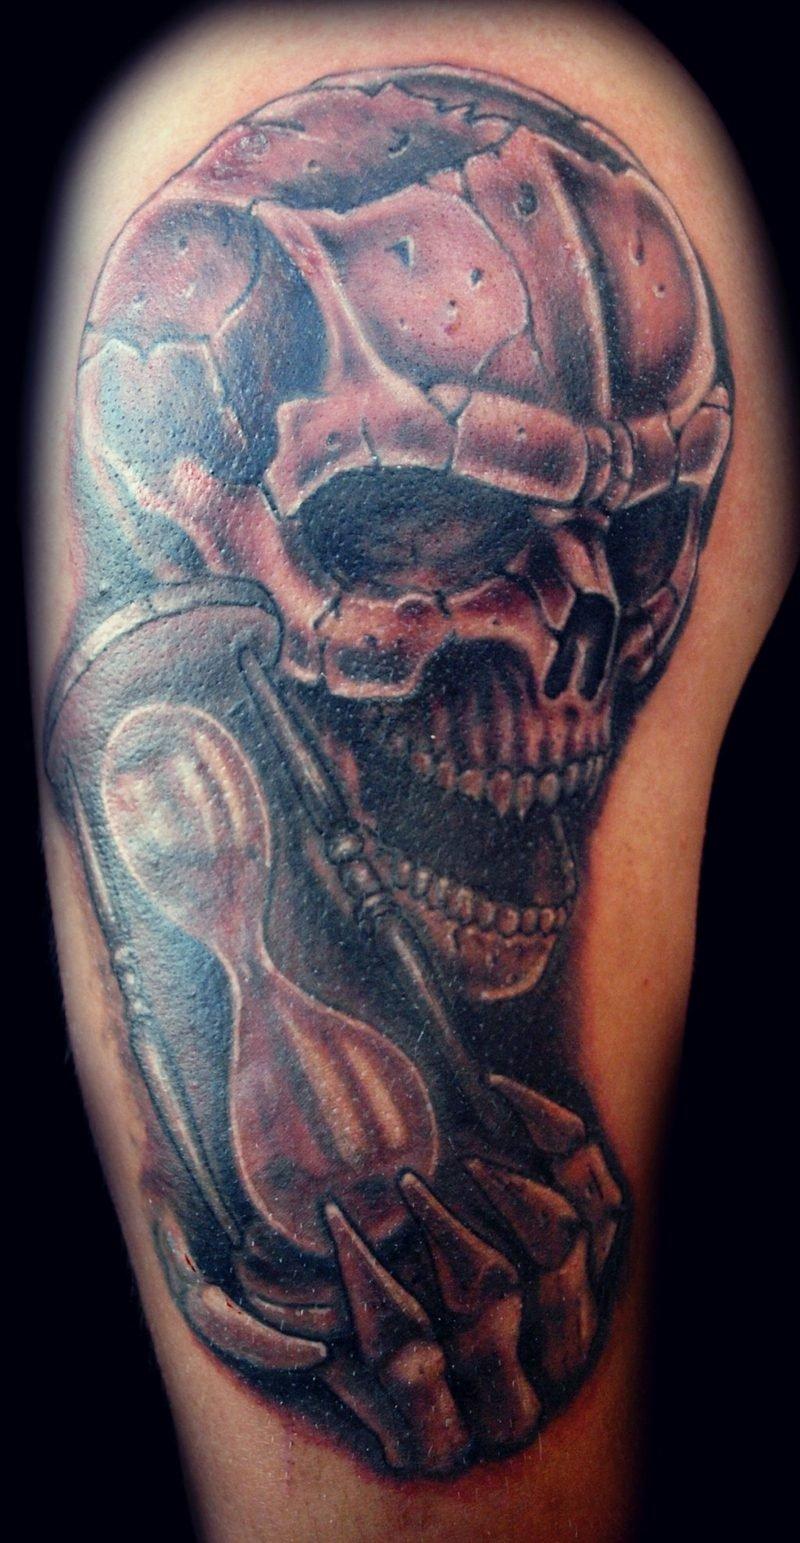 Sanduhr Tattoo skull and hourglass